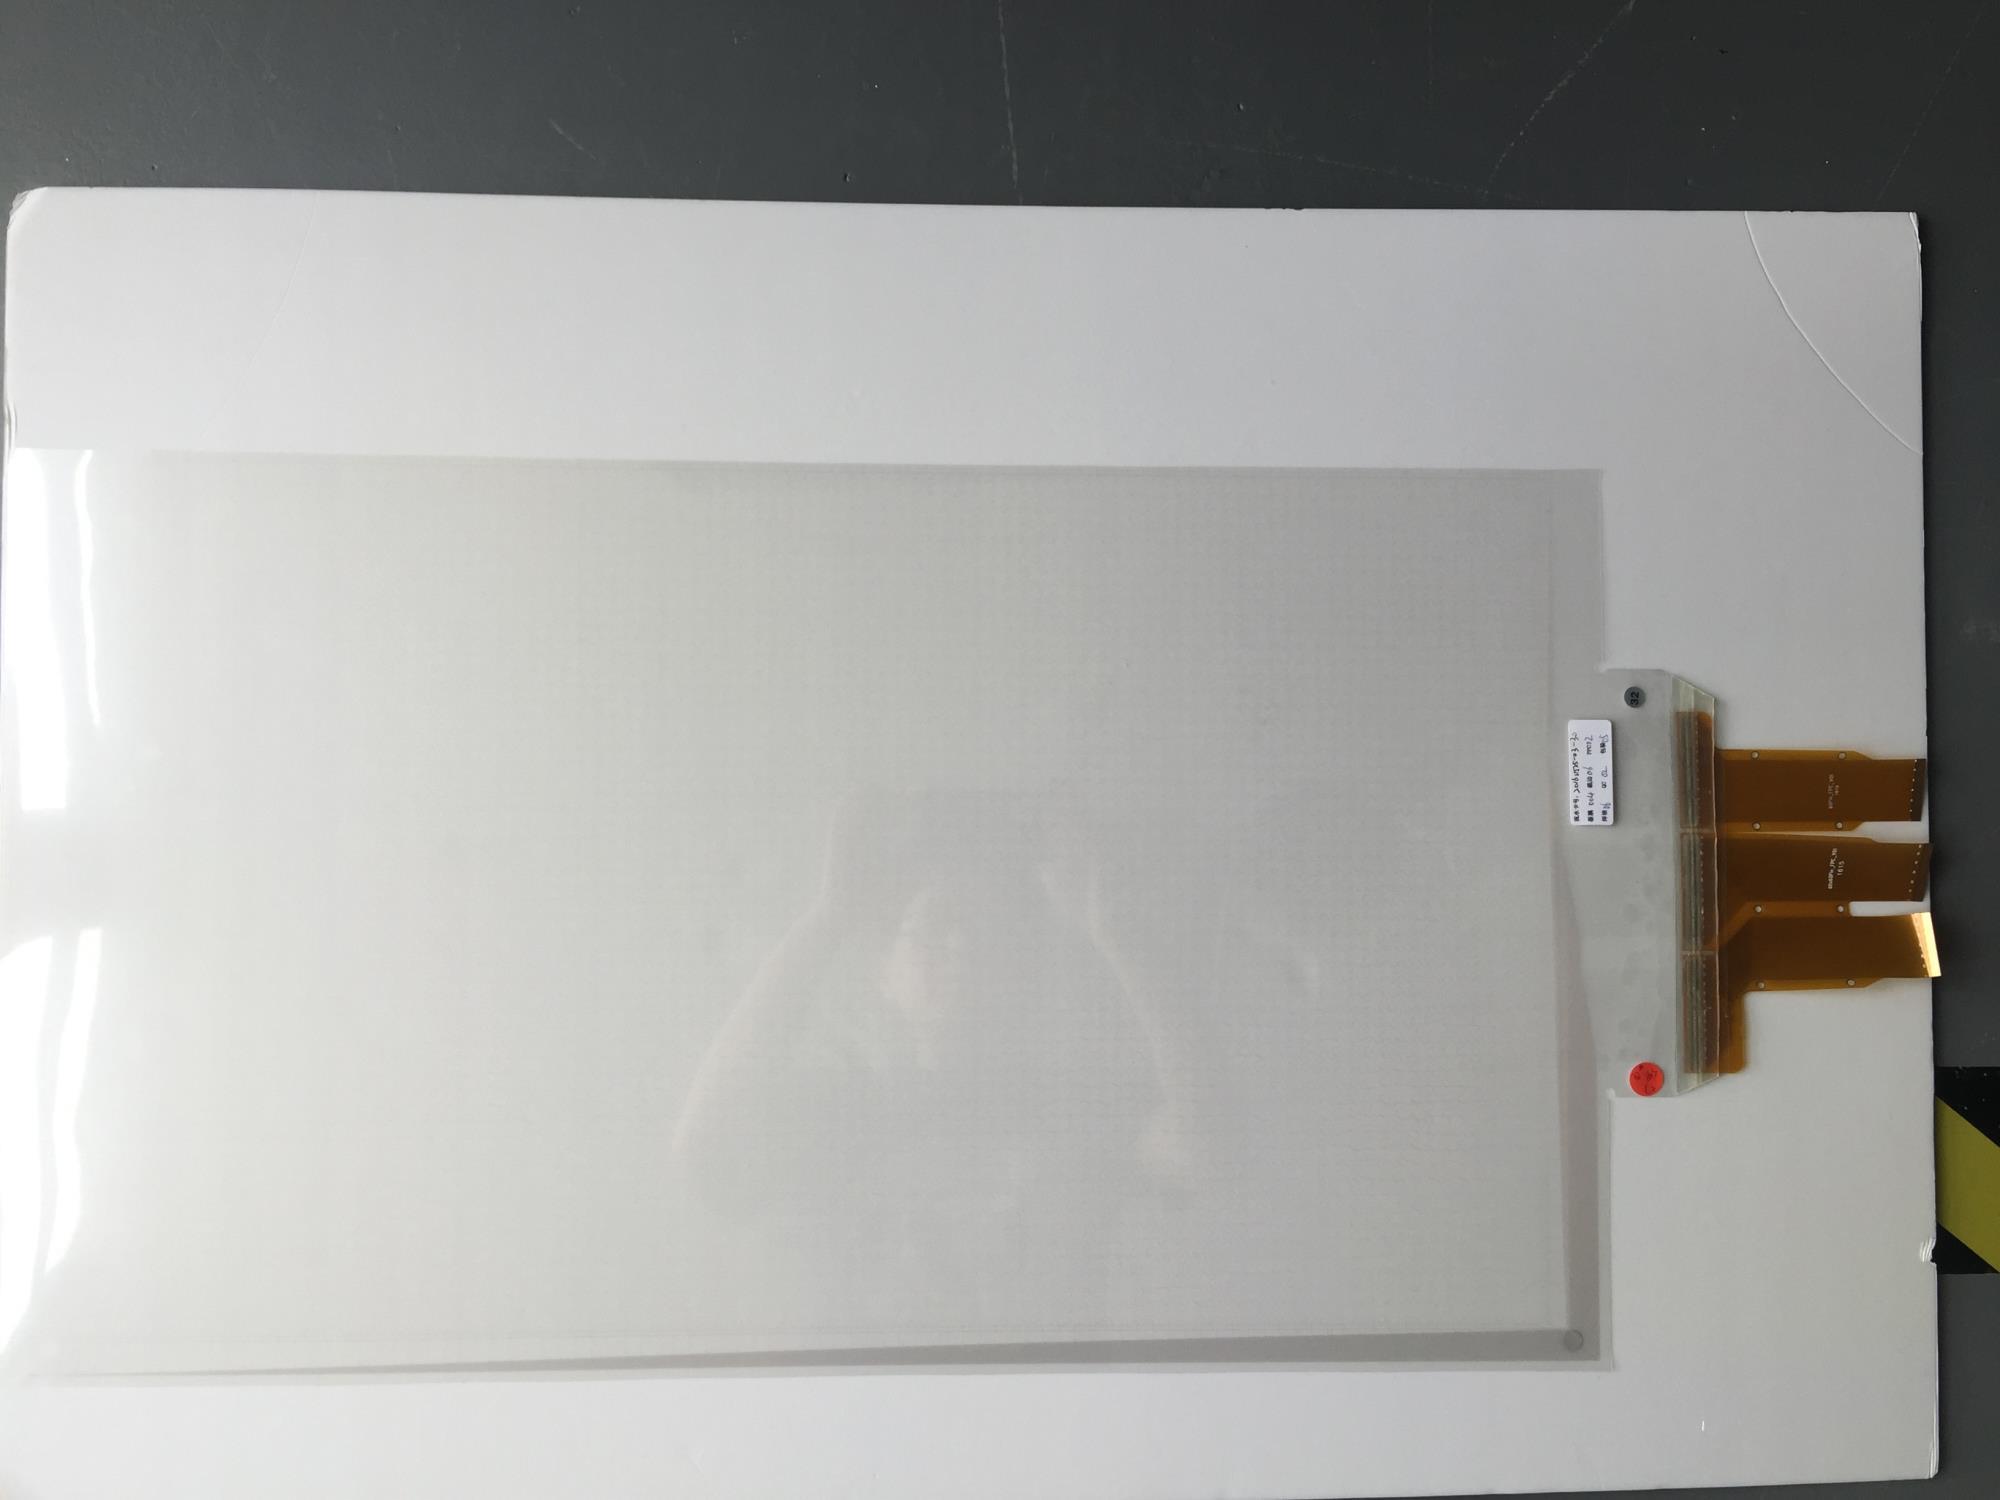 160P sensor.JPG